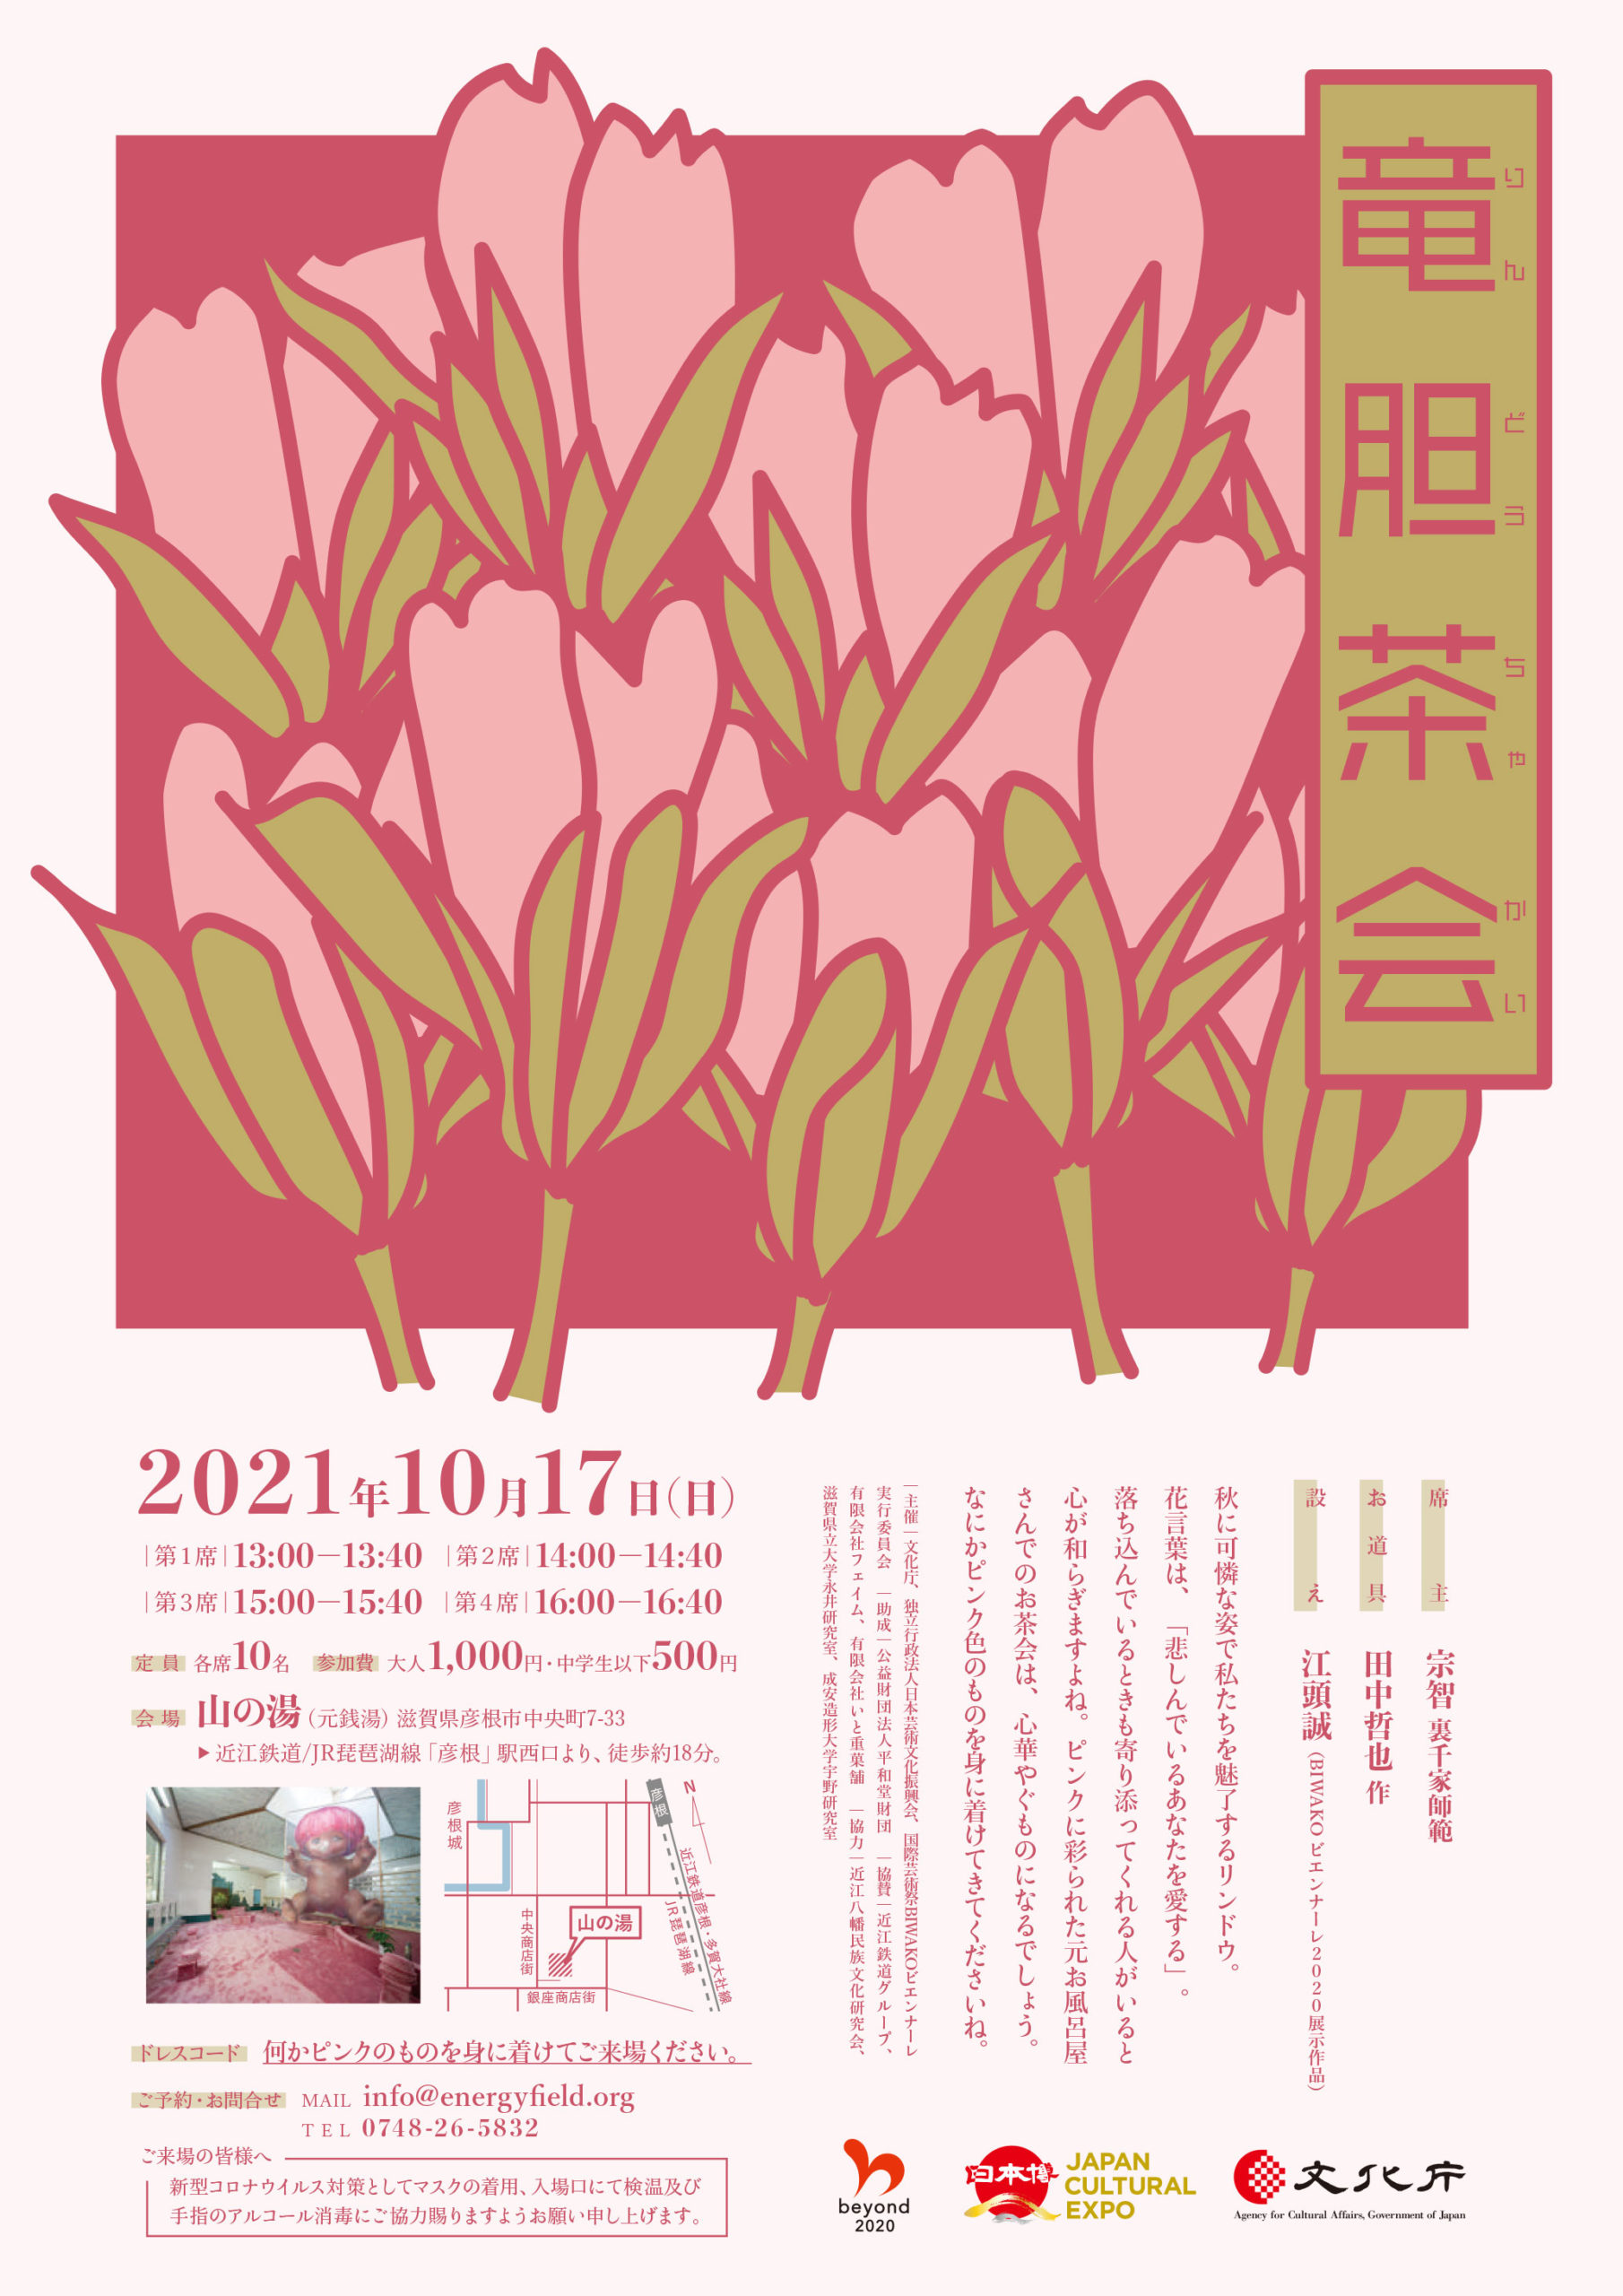 《茶会》2021年10月17日(日)に「竜胆茶会 ~りんどうちゃかい~」を開催します!